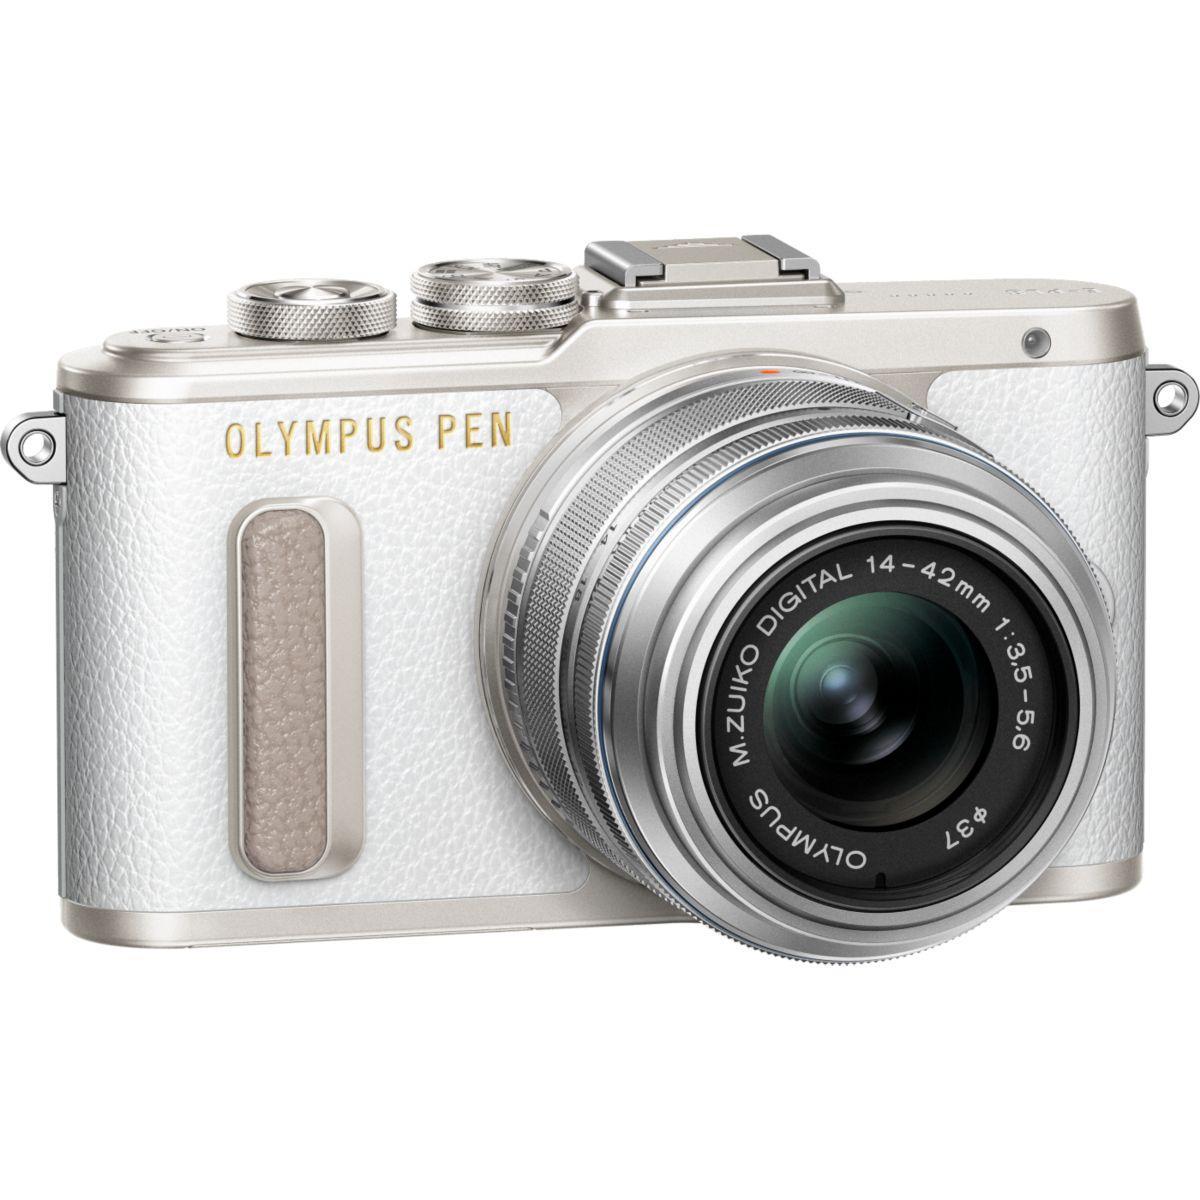 Apn olympus e-pl8 blanc + 14-42pz silver - 10% de remise immédiate avec le code : multi10 (photo)